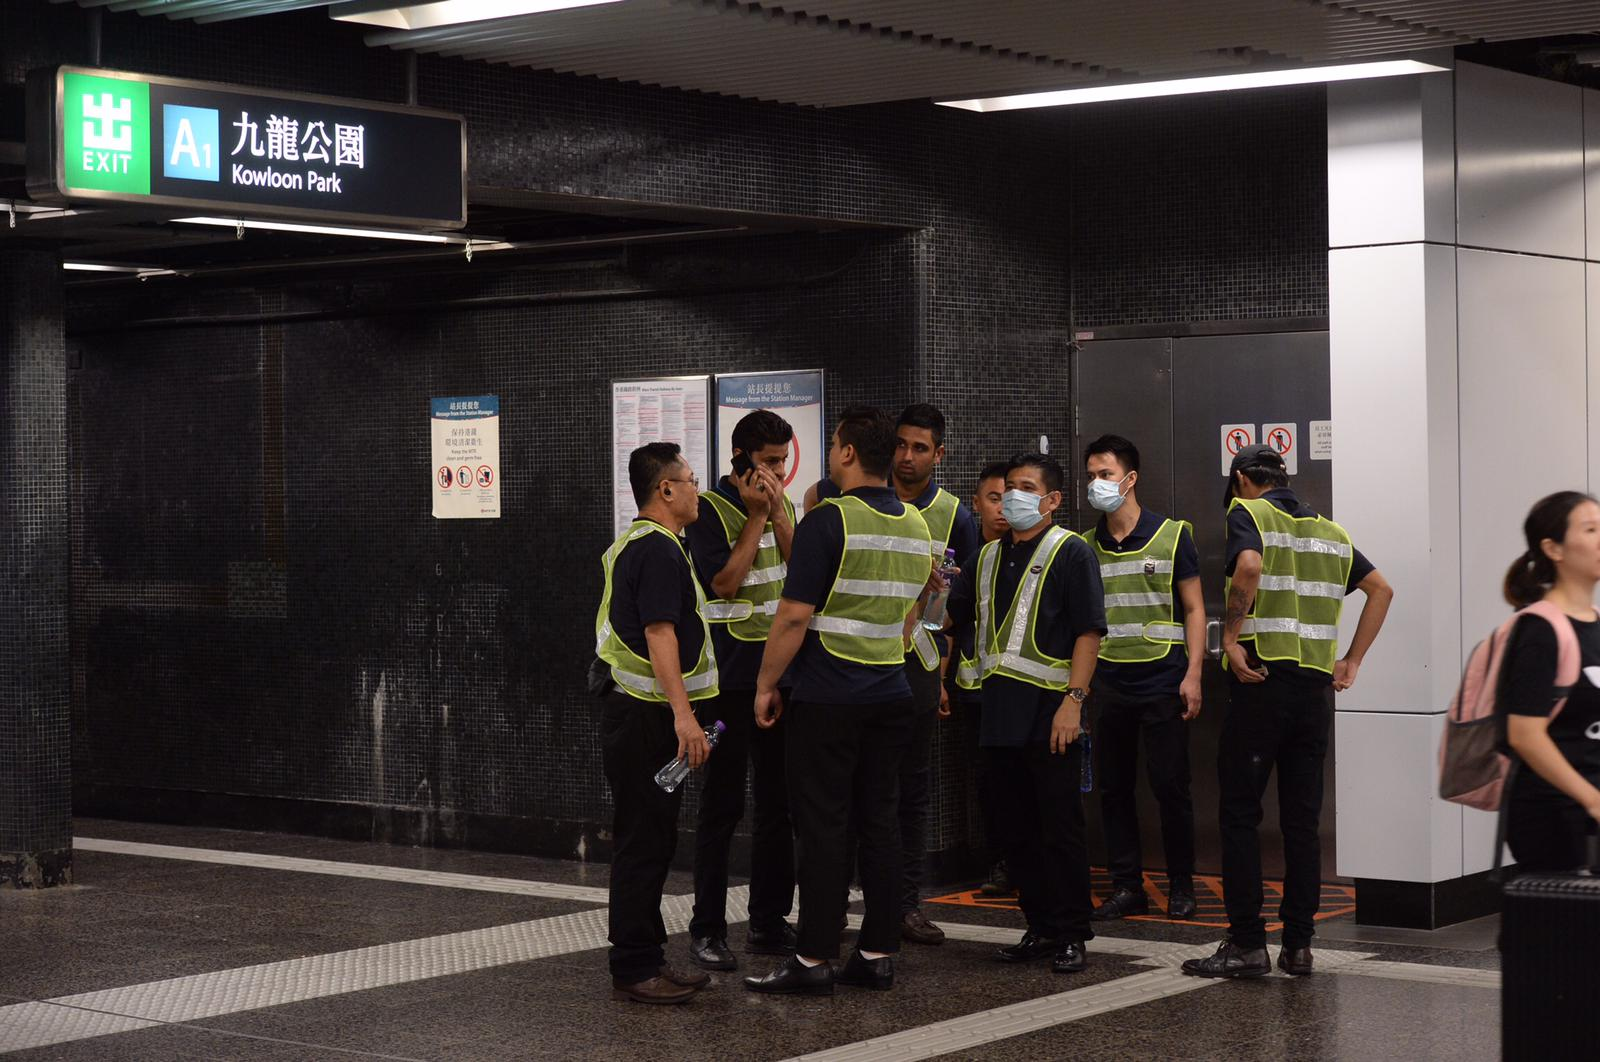 「前啹喀兵」於站內巡邏,部份人戴上口罩。